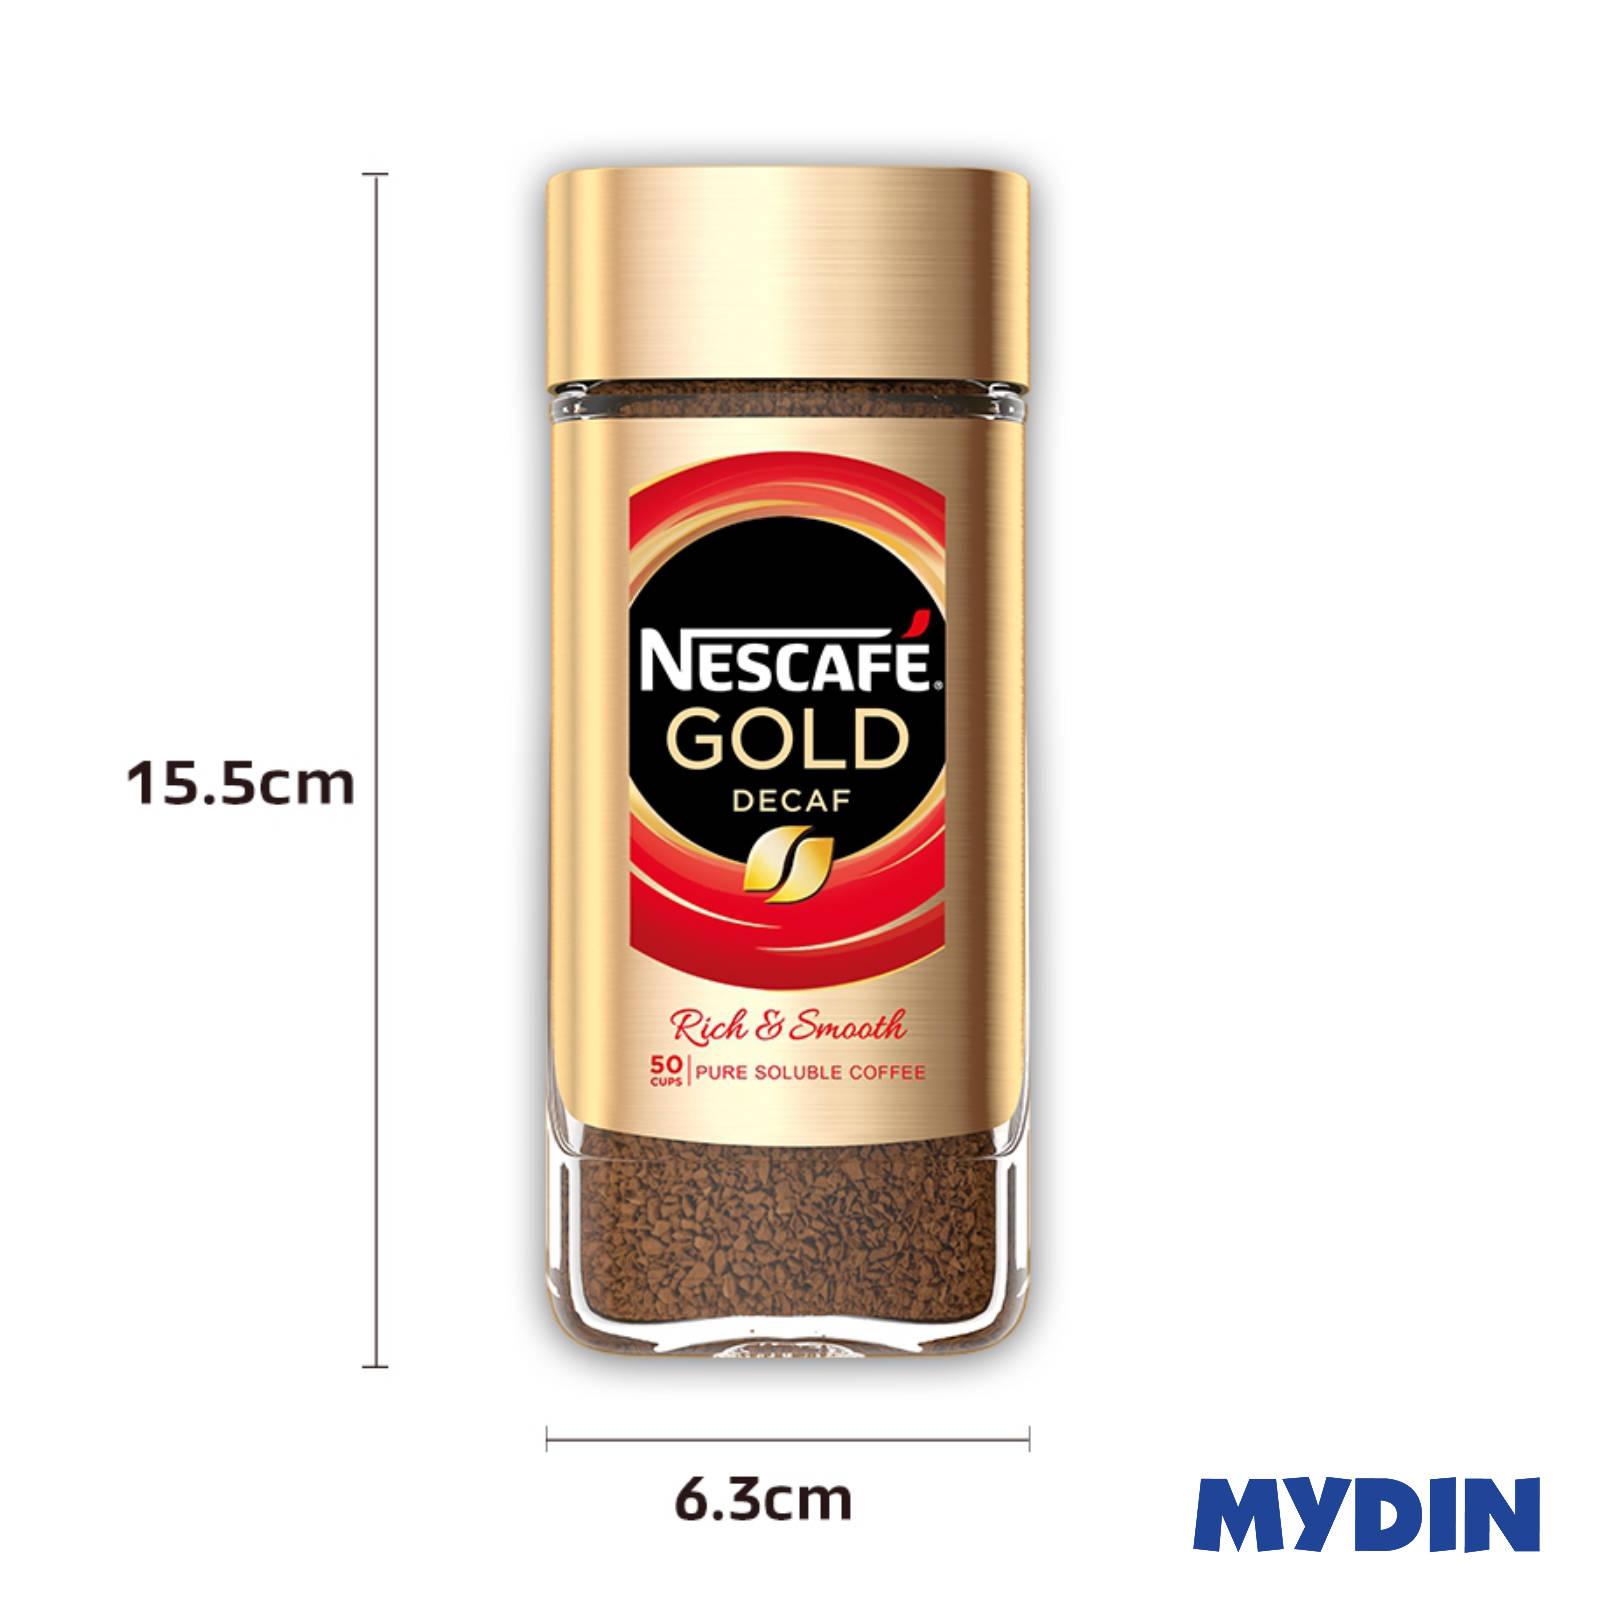 Nescafe Gold Decaf Coffee Jar 100g